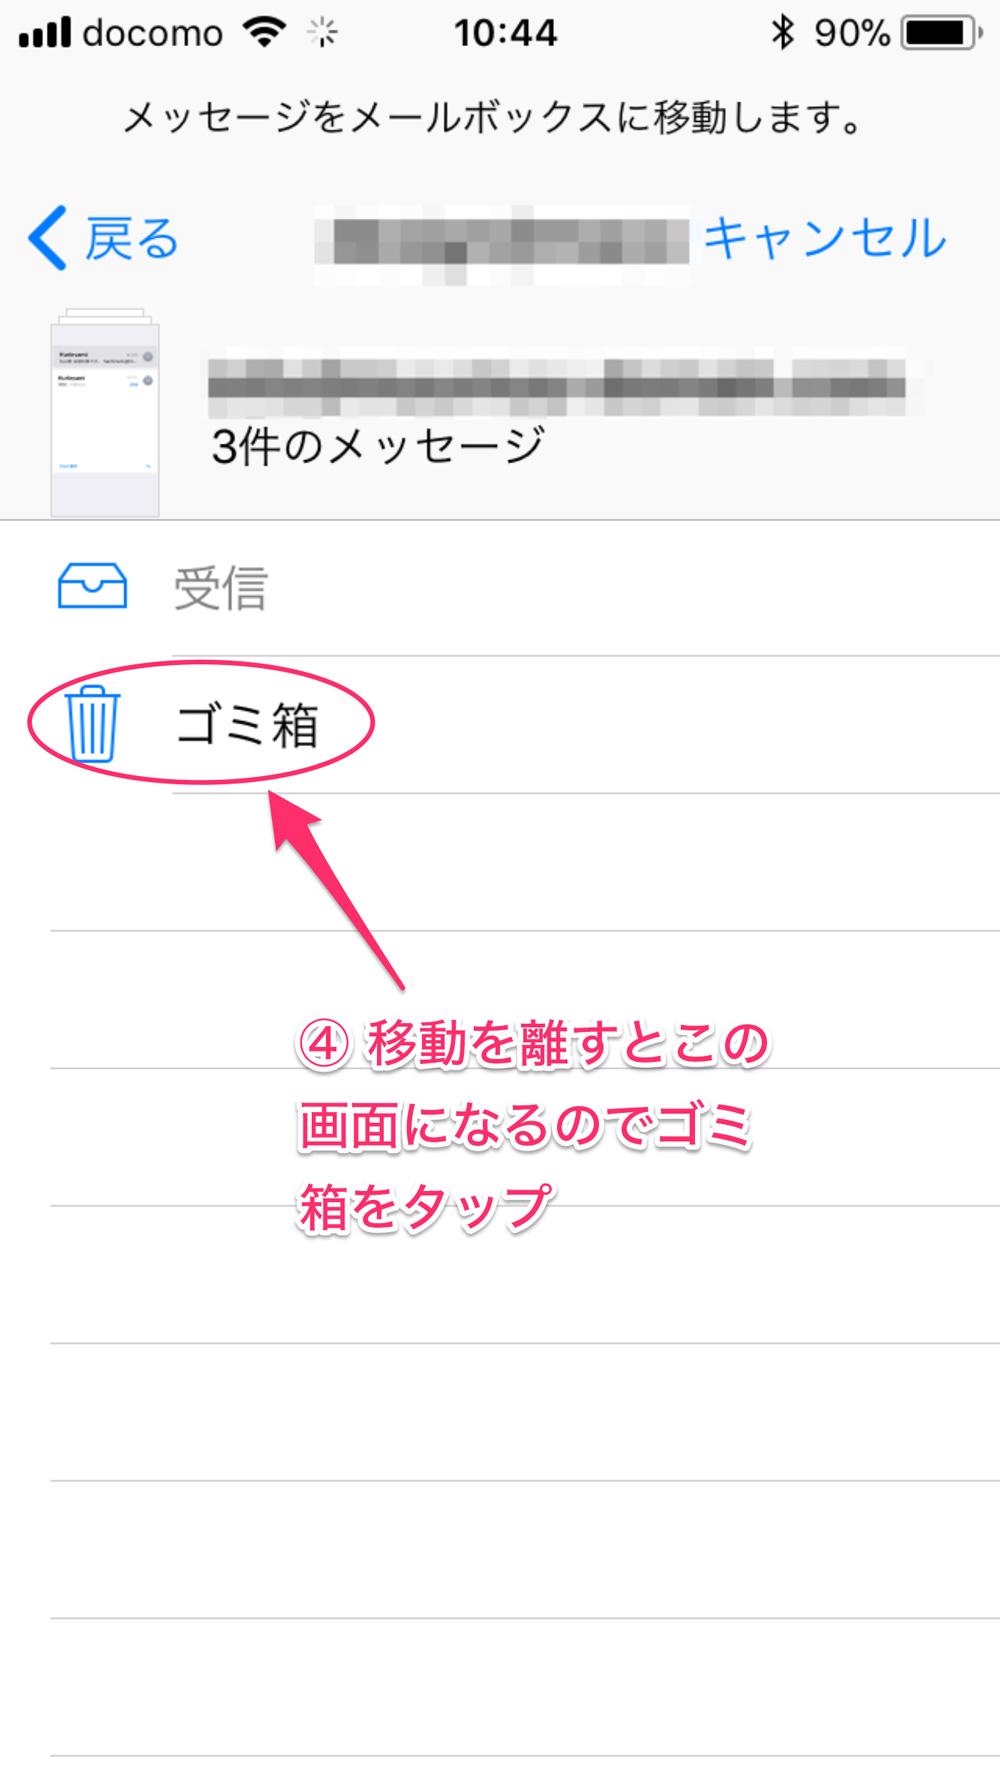 ios11はメールの一括削除ができるのね。なんで裏技っぽいんだよう